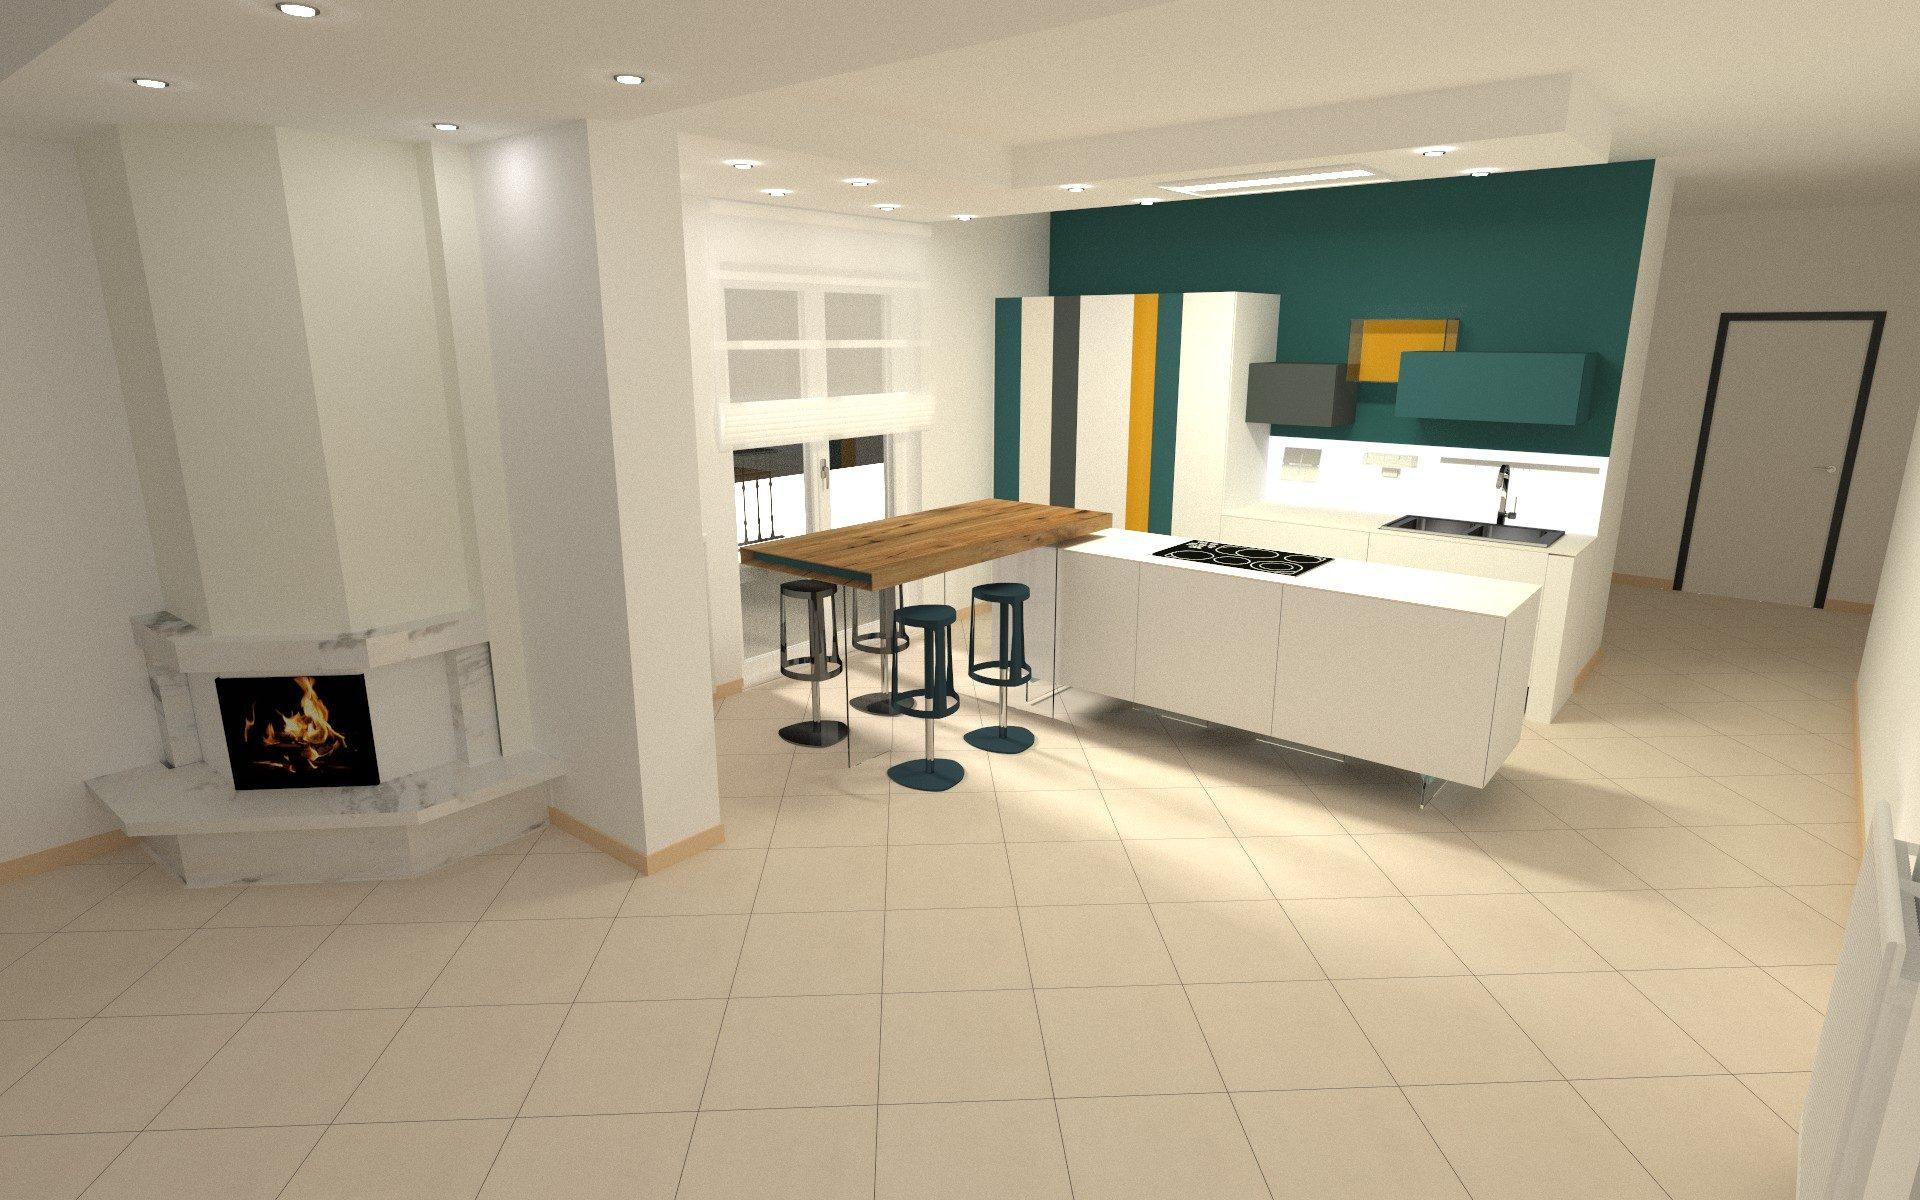 Arredamento E Casalinghi Avellino.Progetto Villa Avellino Onsite Design